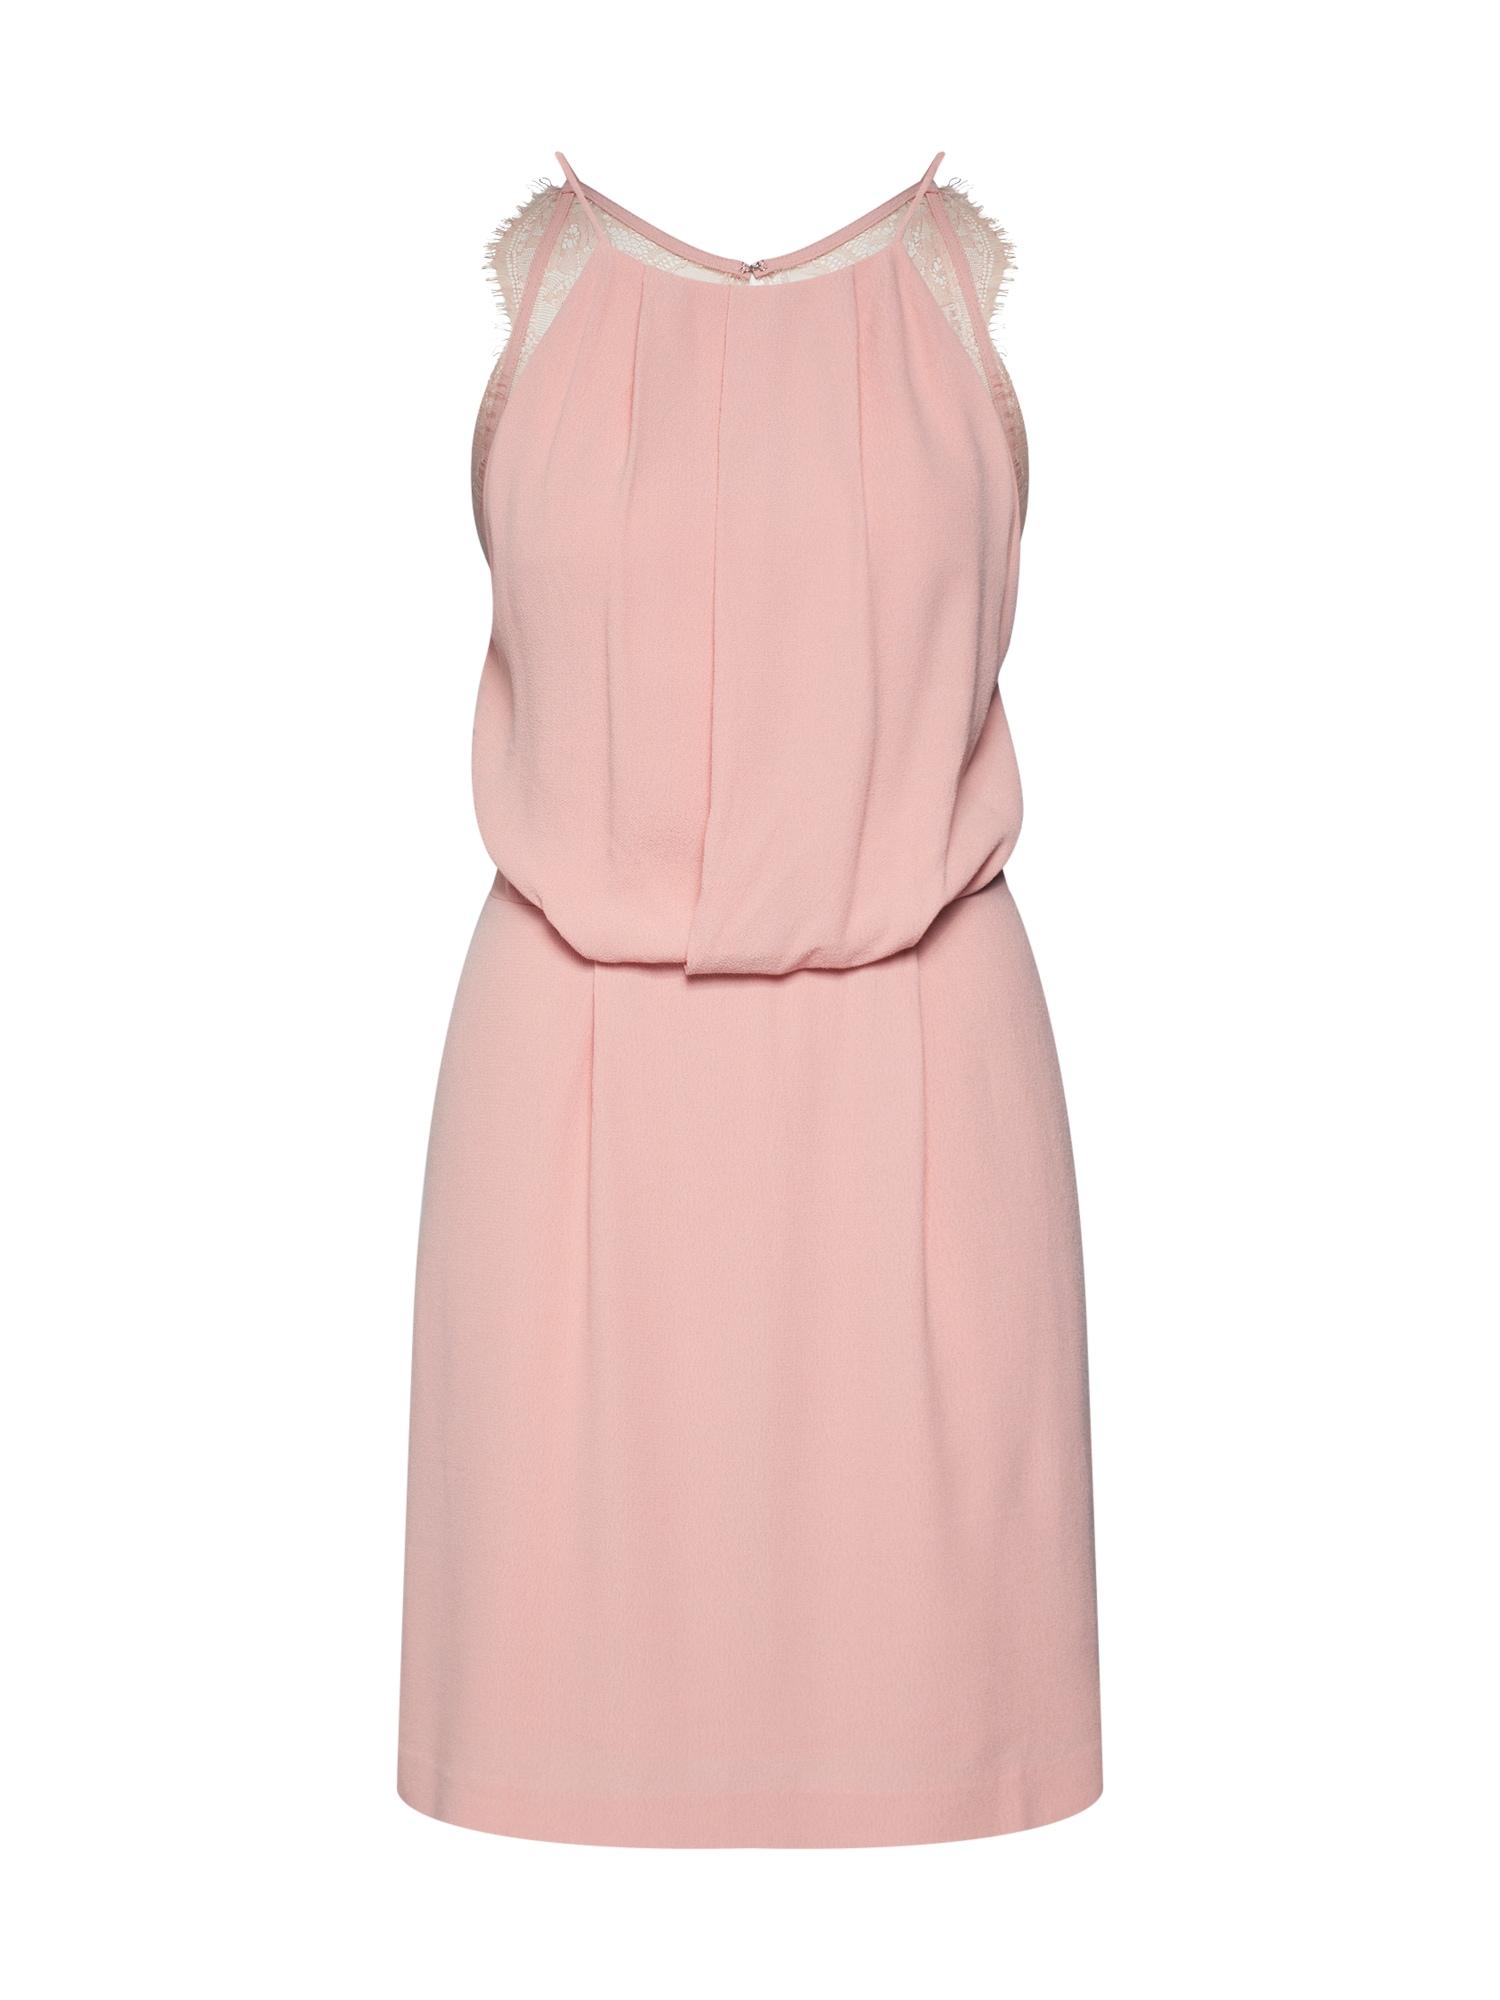 Letní šaty Willow 5687 růžová Samsoe & Samsoe